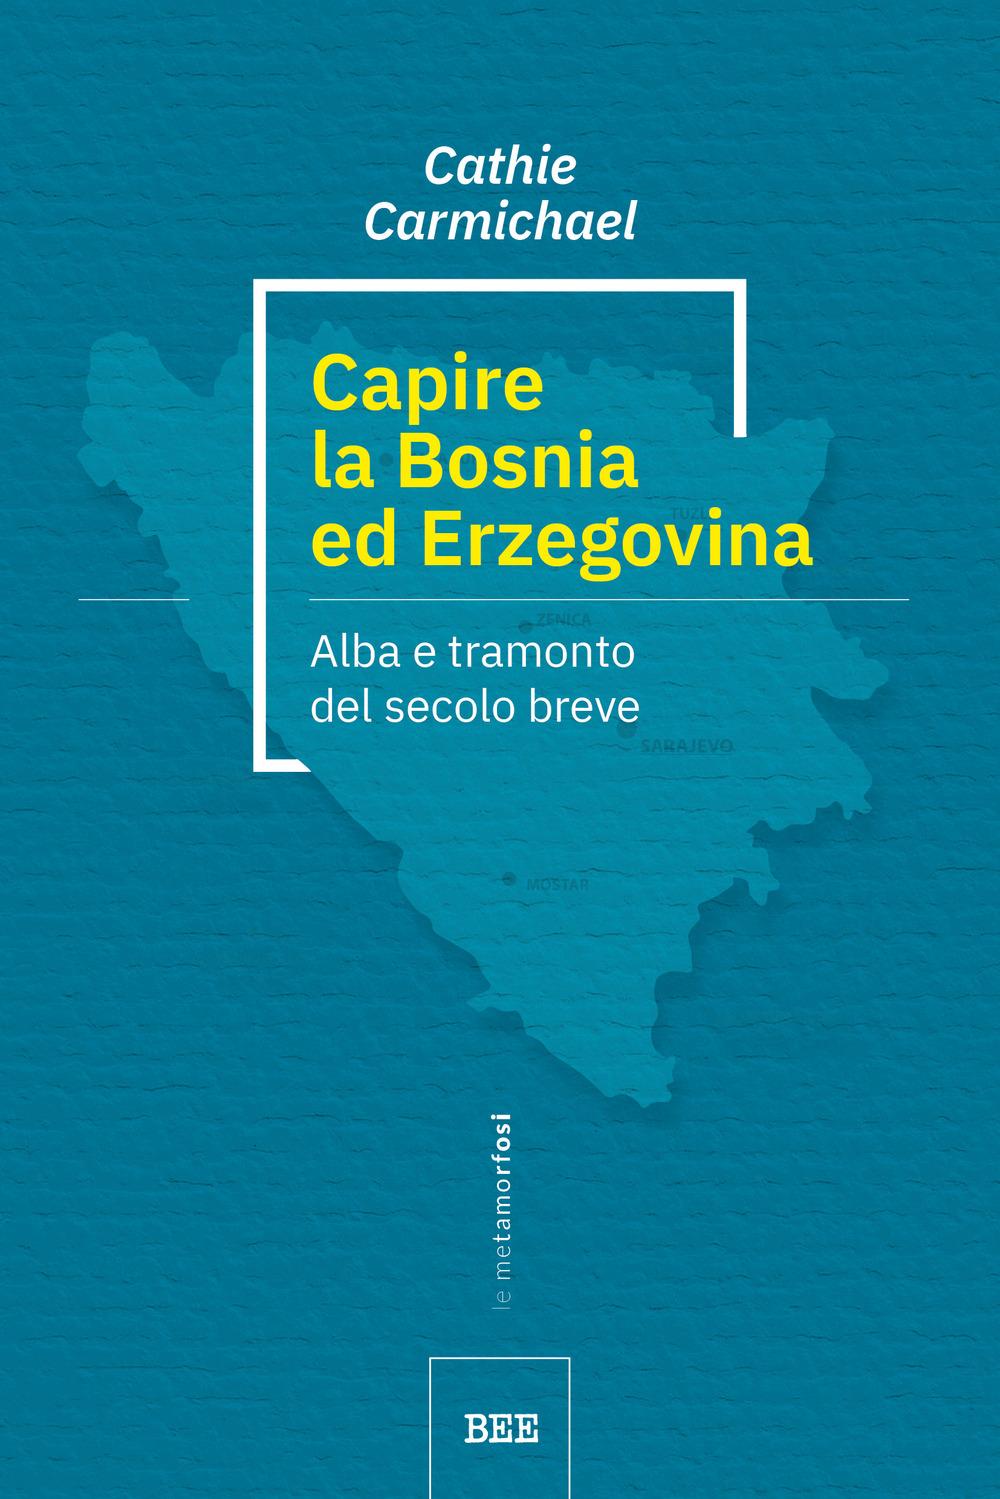 Capire la Bosnia ed Erzegovina. Alba e tramonto del secolo breve